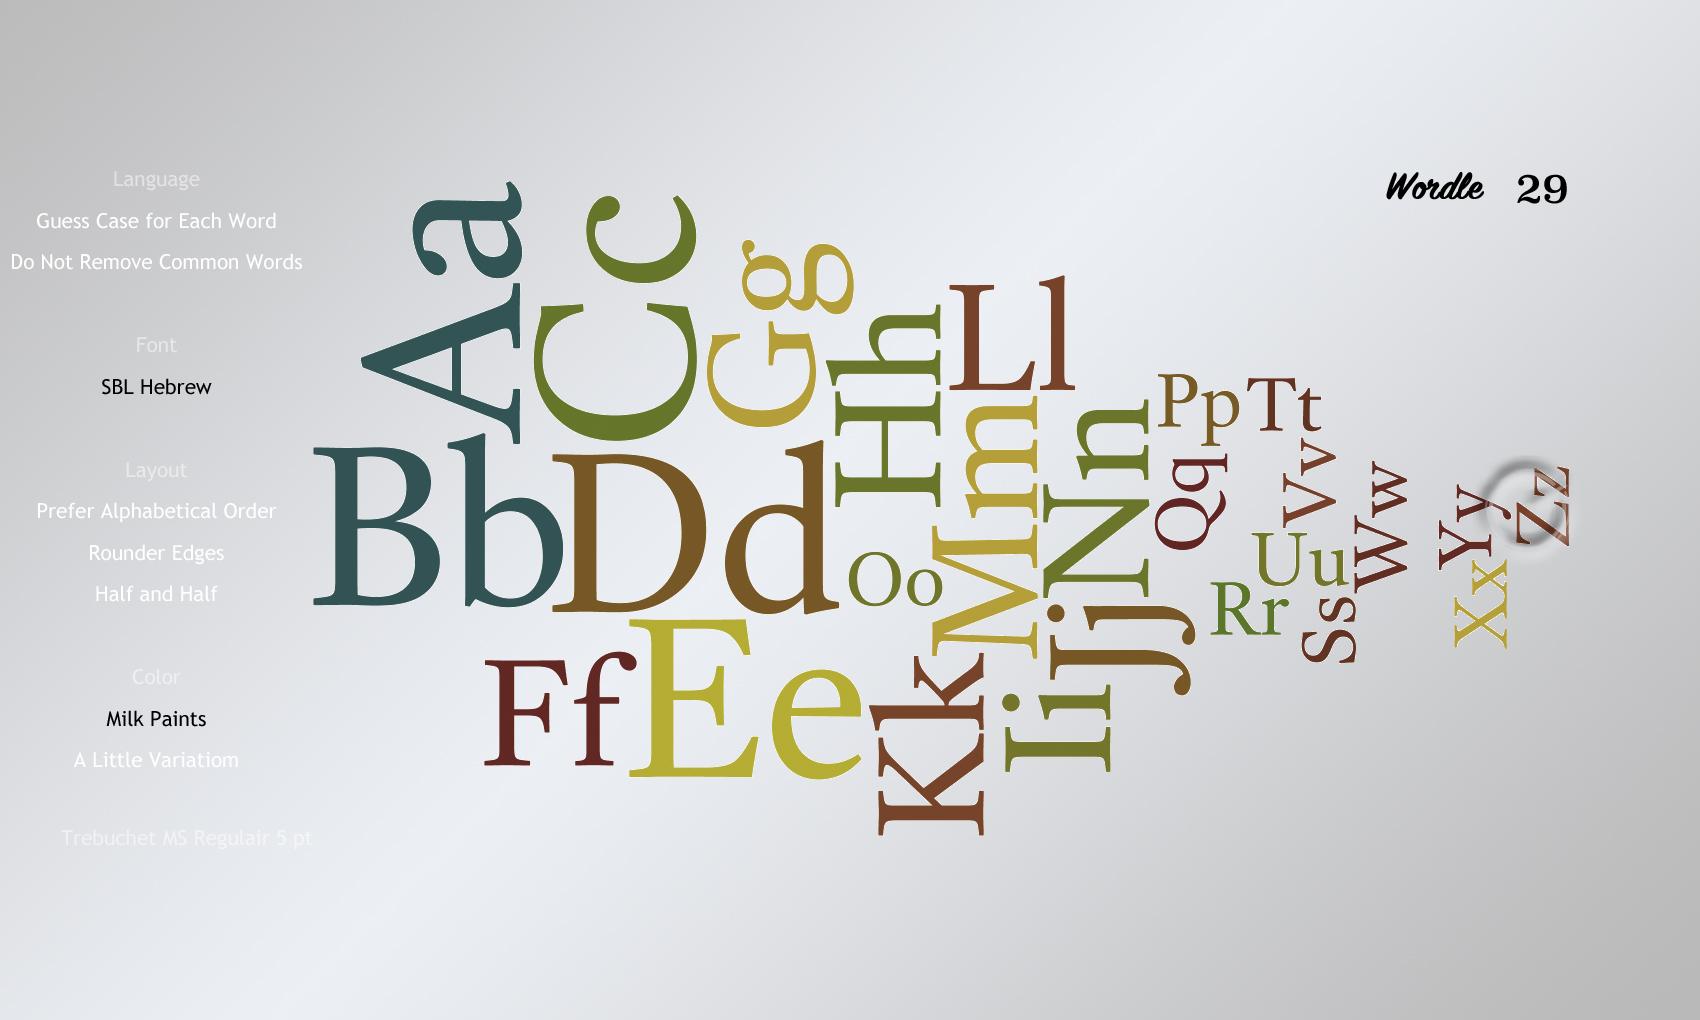 Wordle 29 SBL Hebrew